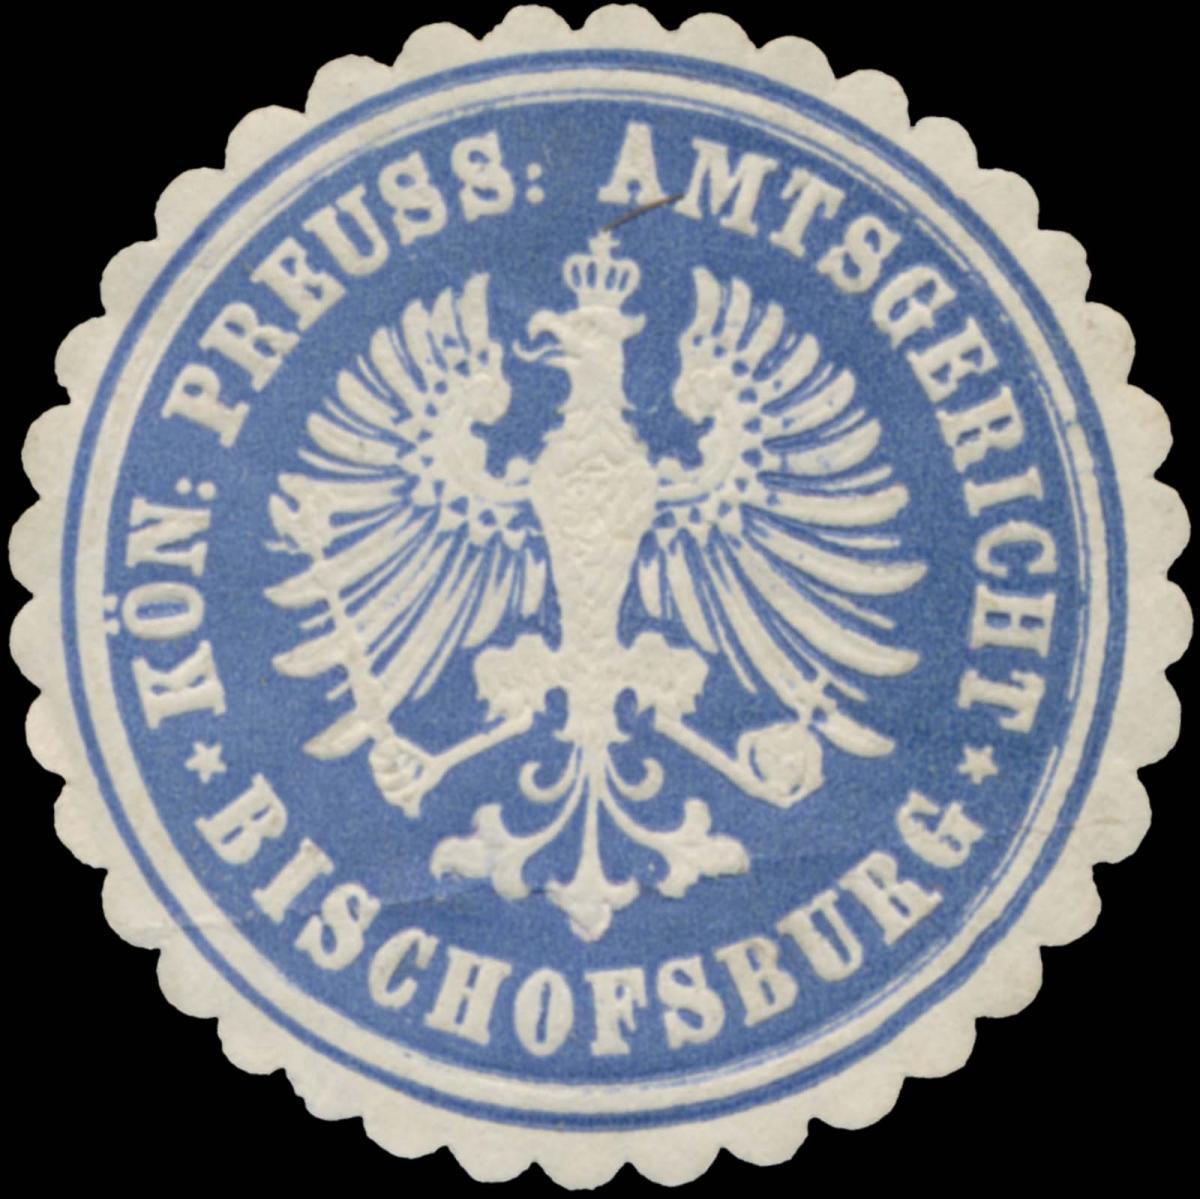 K.Pr. Amtsgericht Bischofsburg